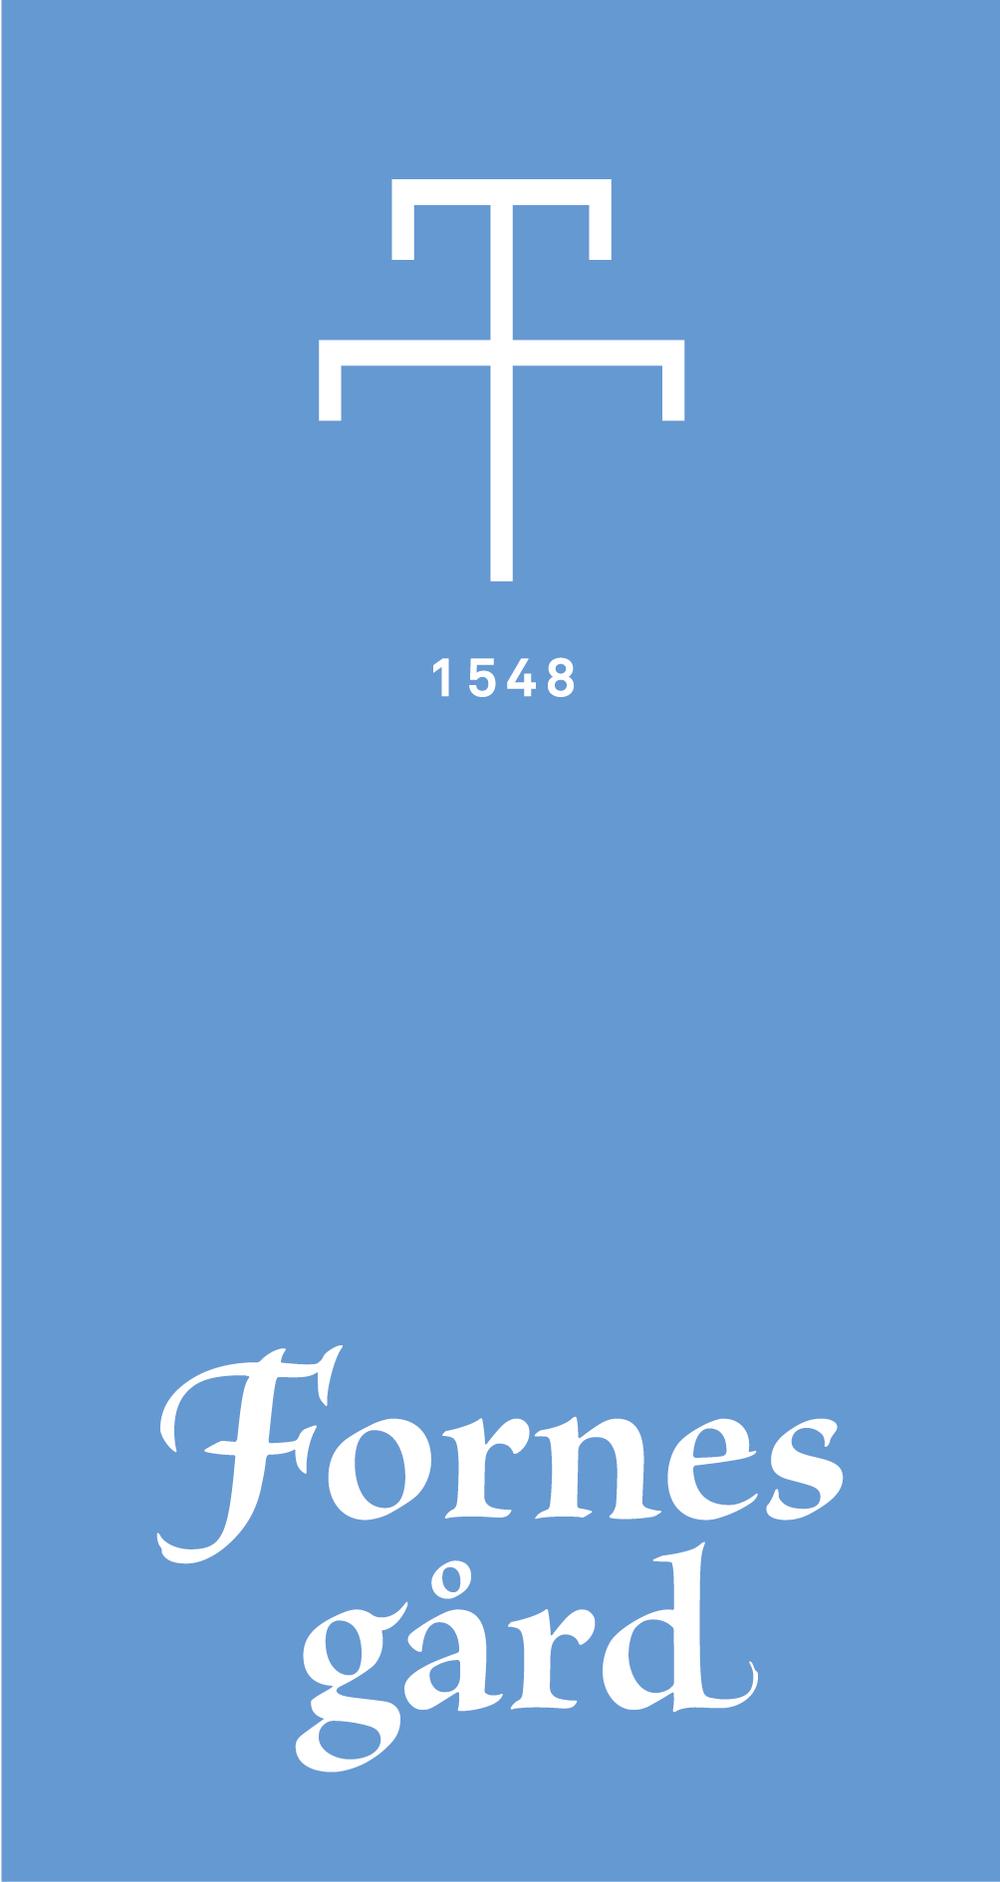 fornes gård logoer høy-08.png